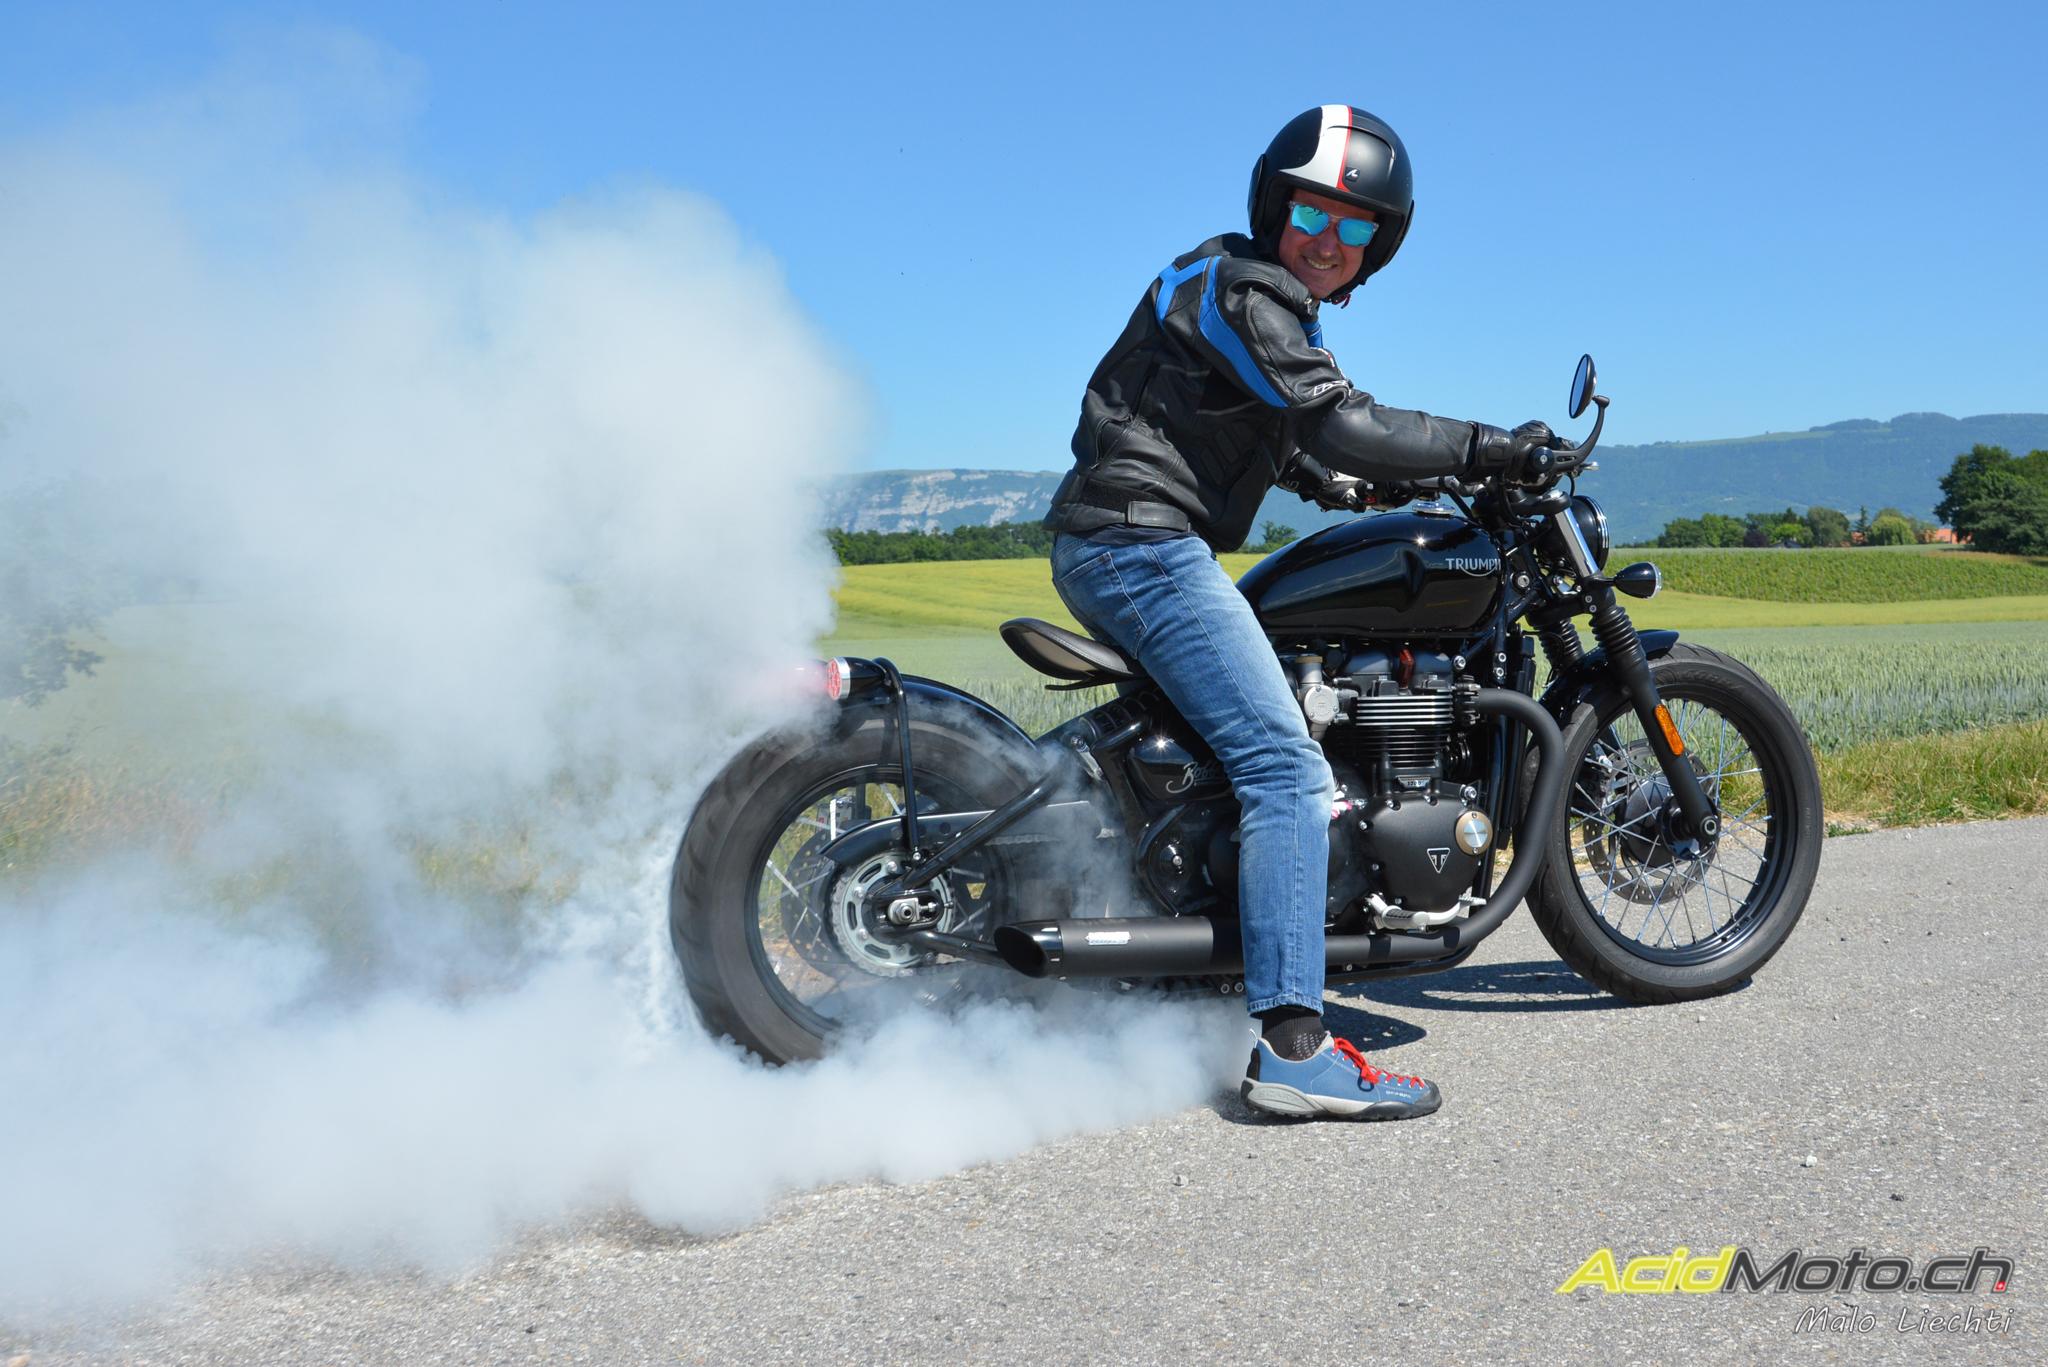 essai triumph bobber 1200 burn to be wild le site suisse de l 39 information moto. Black Bedroom Furniture Sets. Home Design Ideas